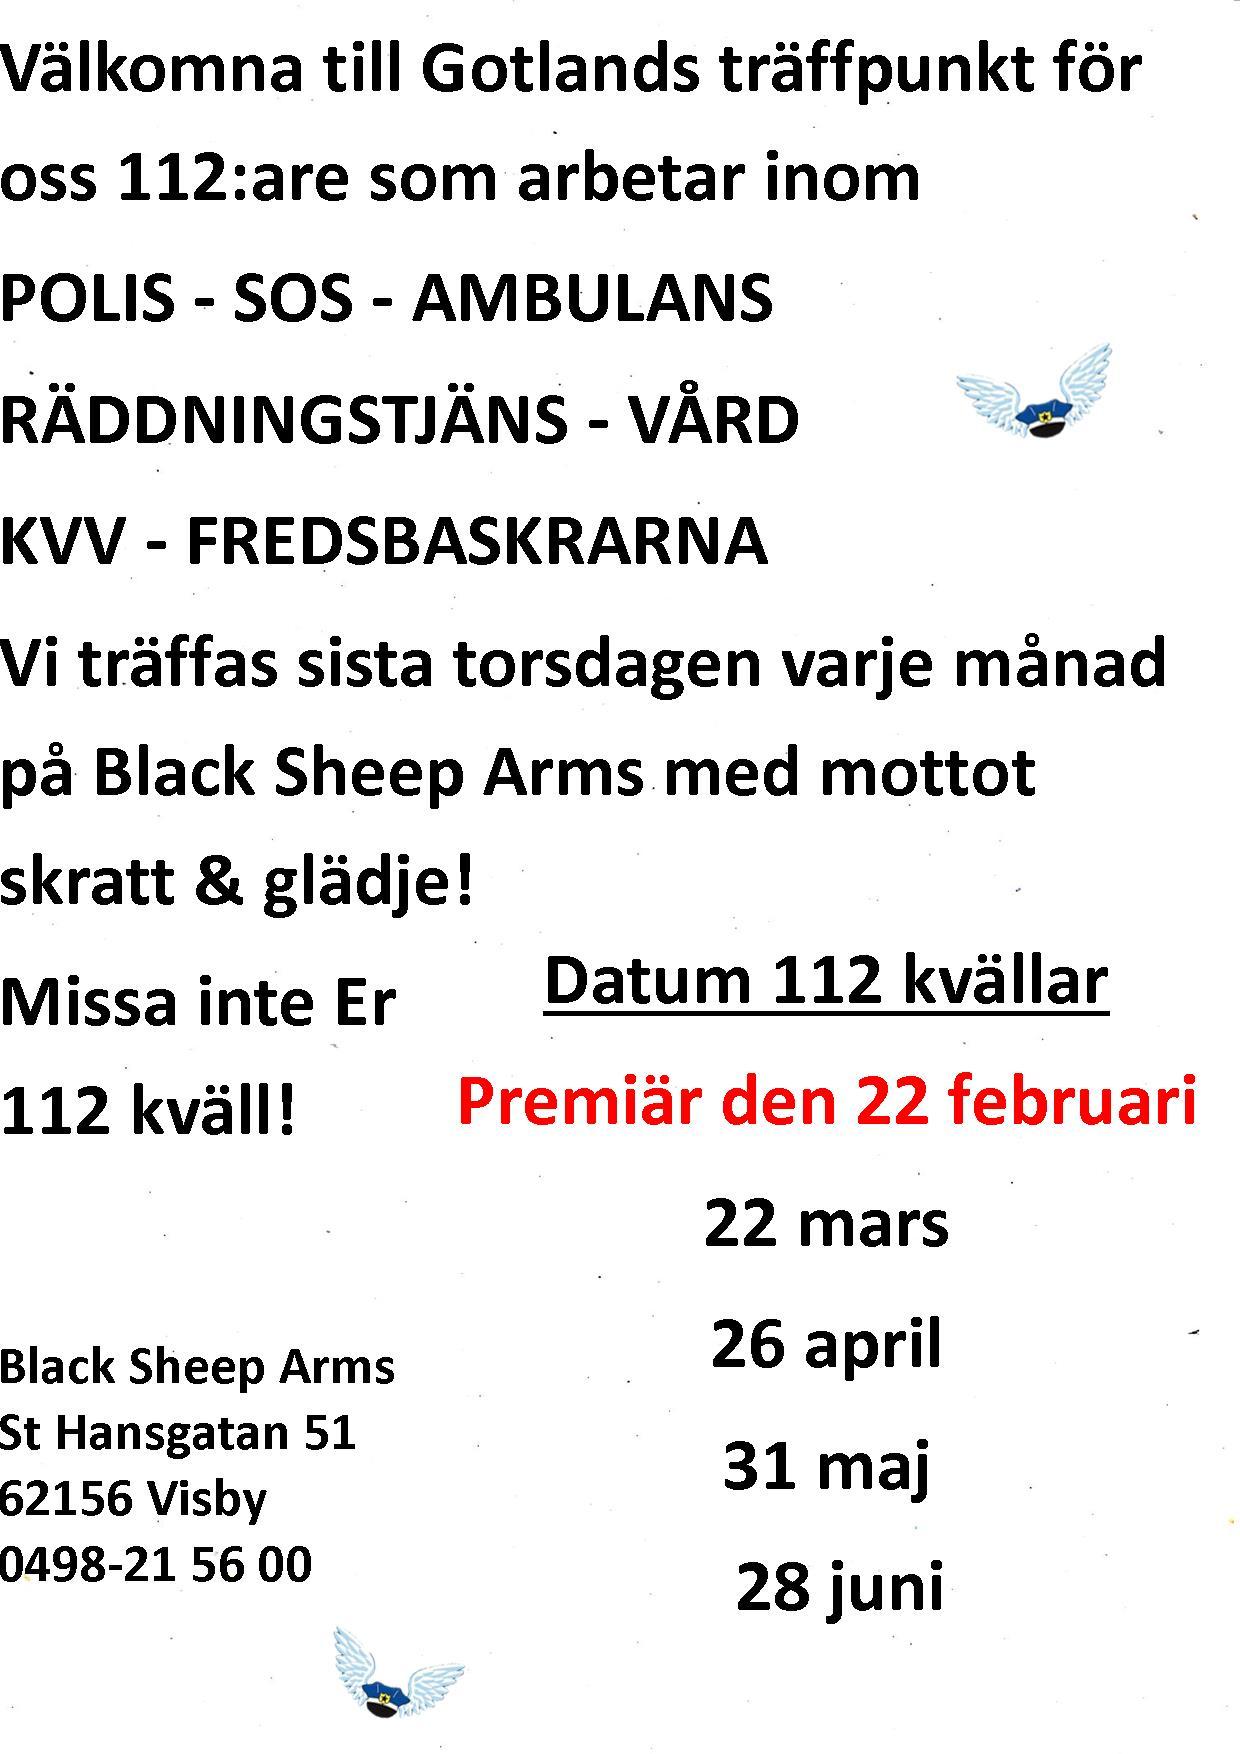 Gotland TEXT HEMSIDAN ENGLAKLUBBEN